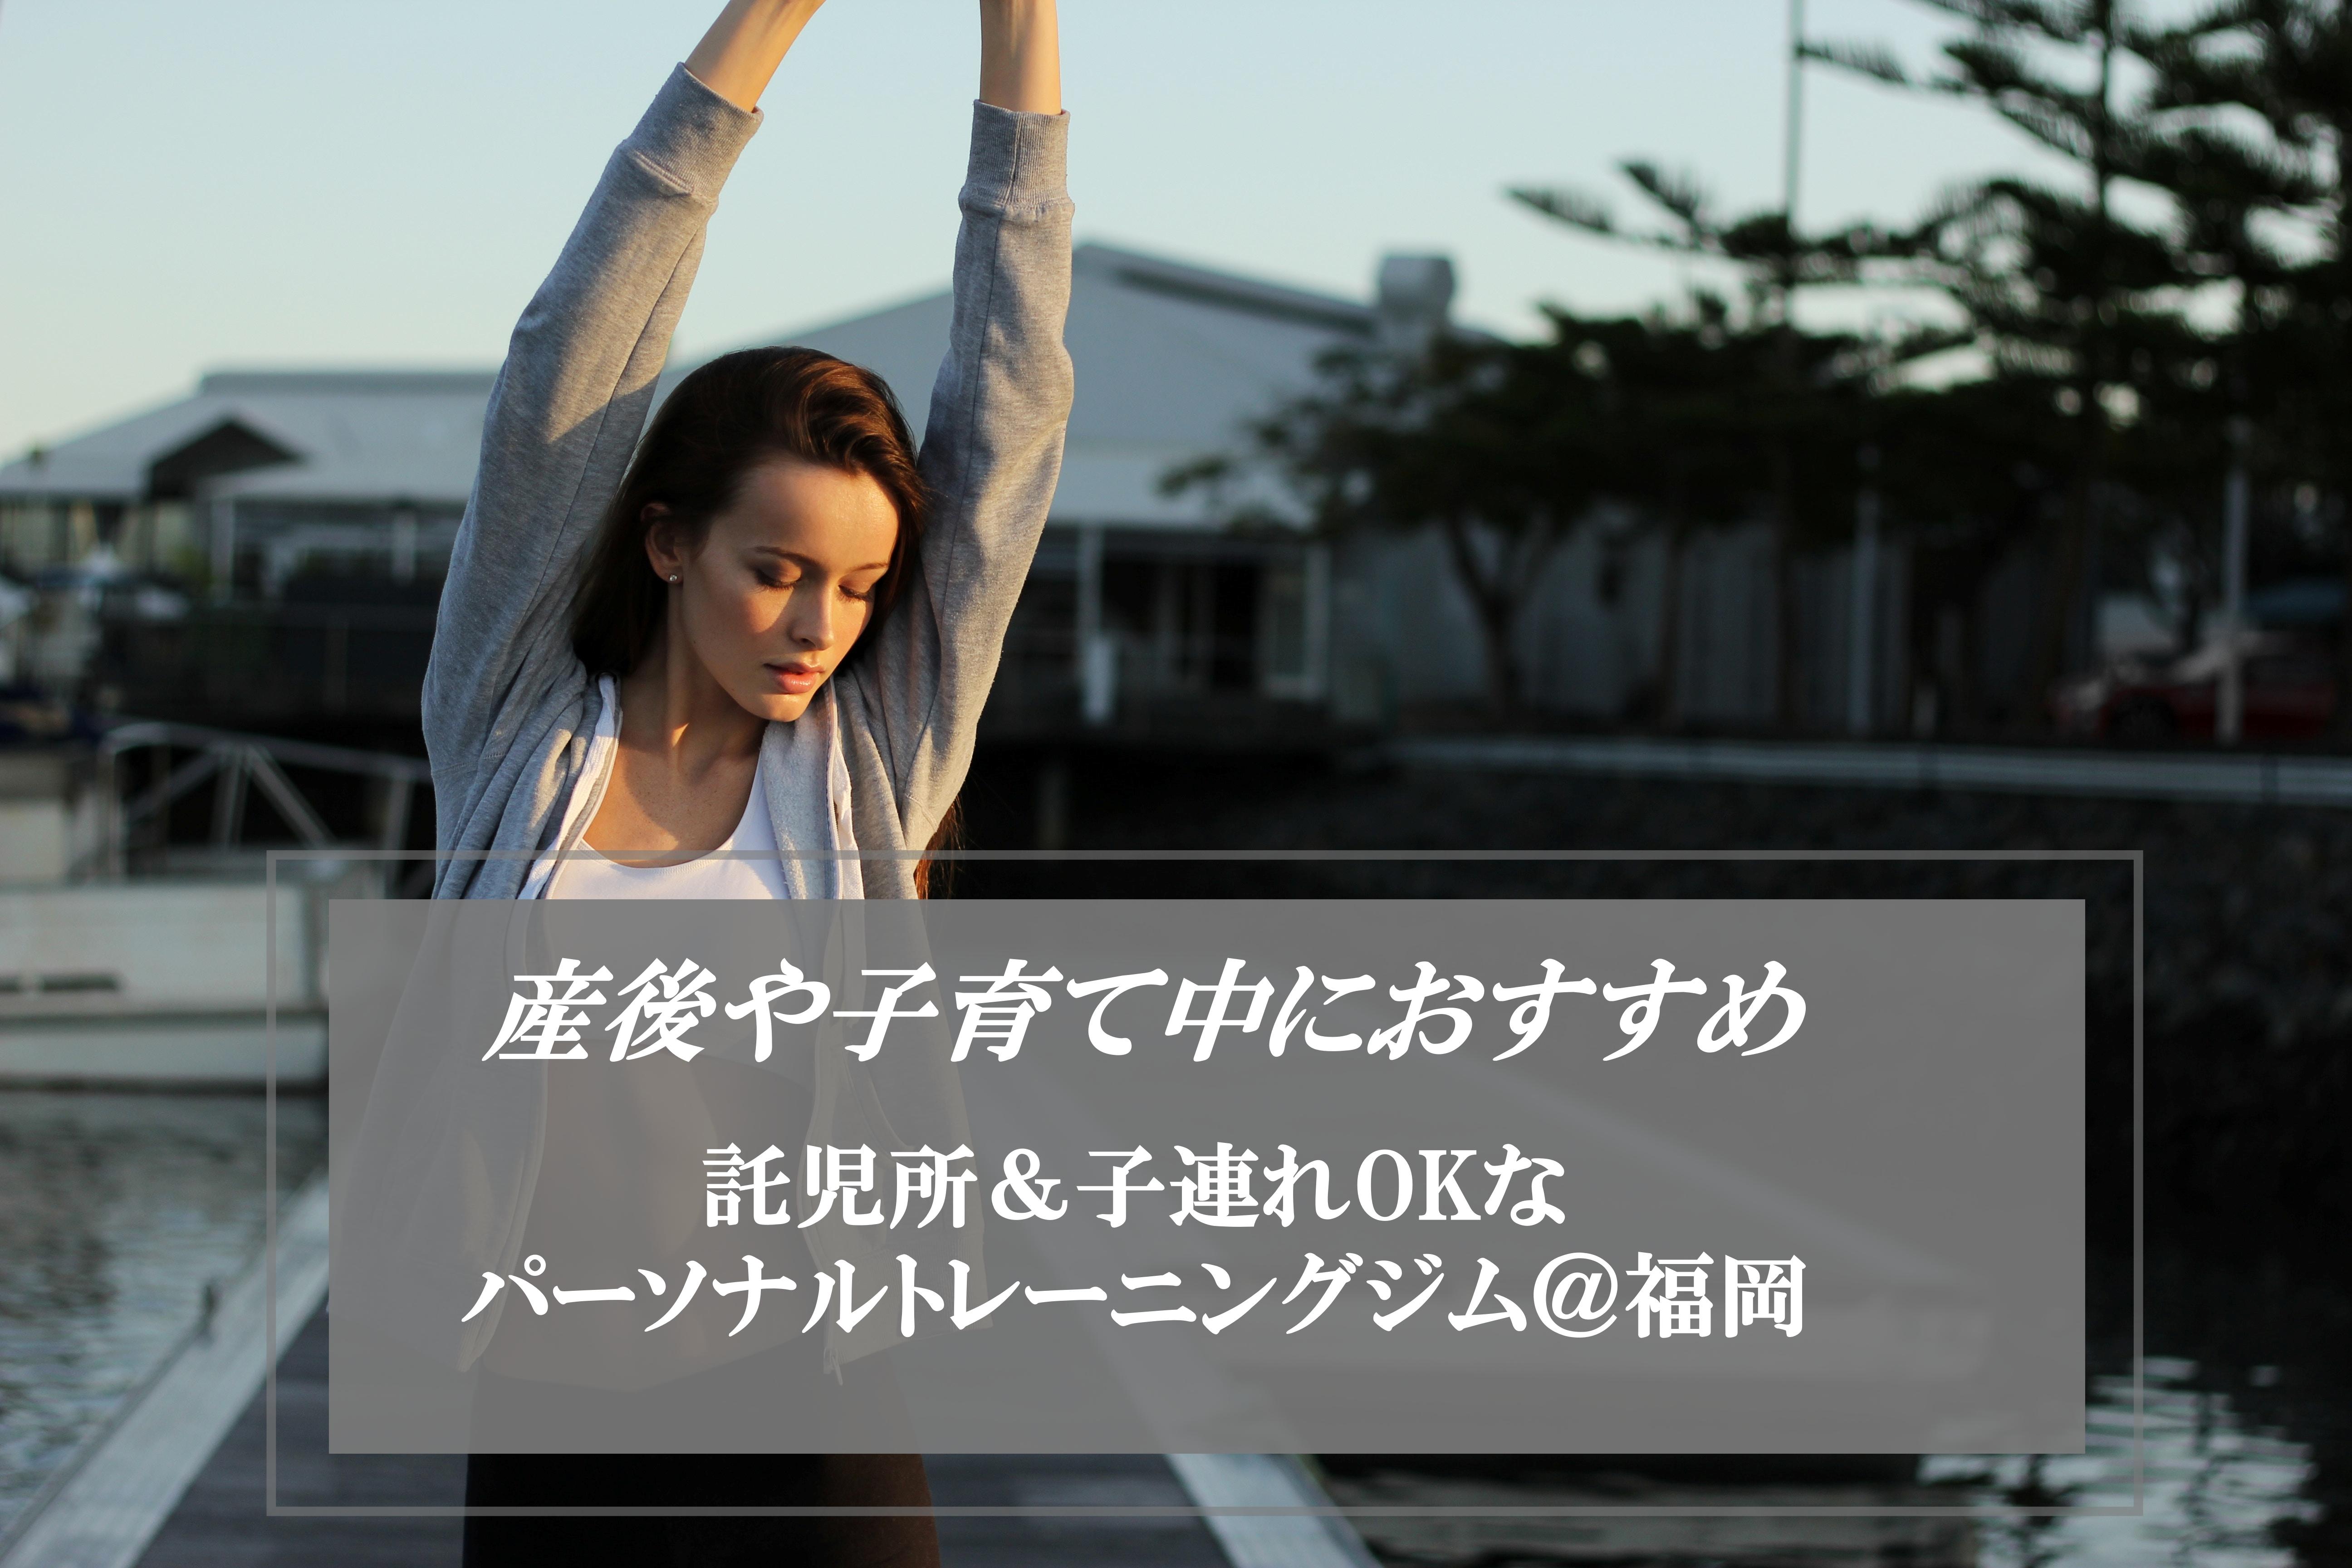 福岡の産後ダイエットにおすすめのパーソナルトレーニングジム